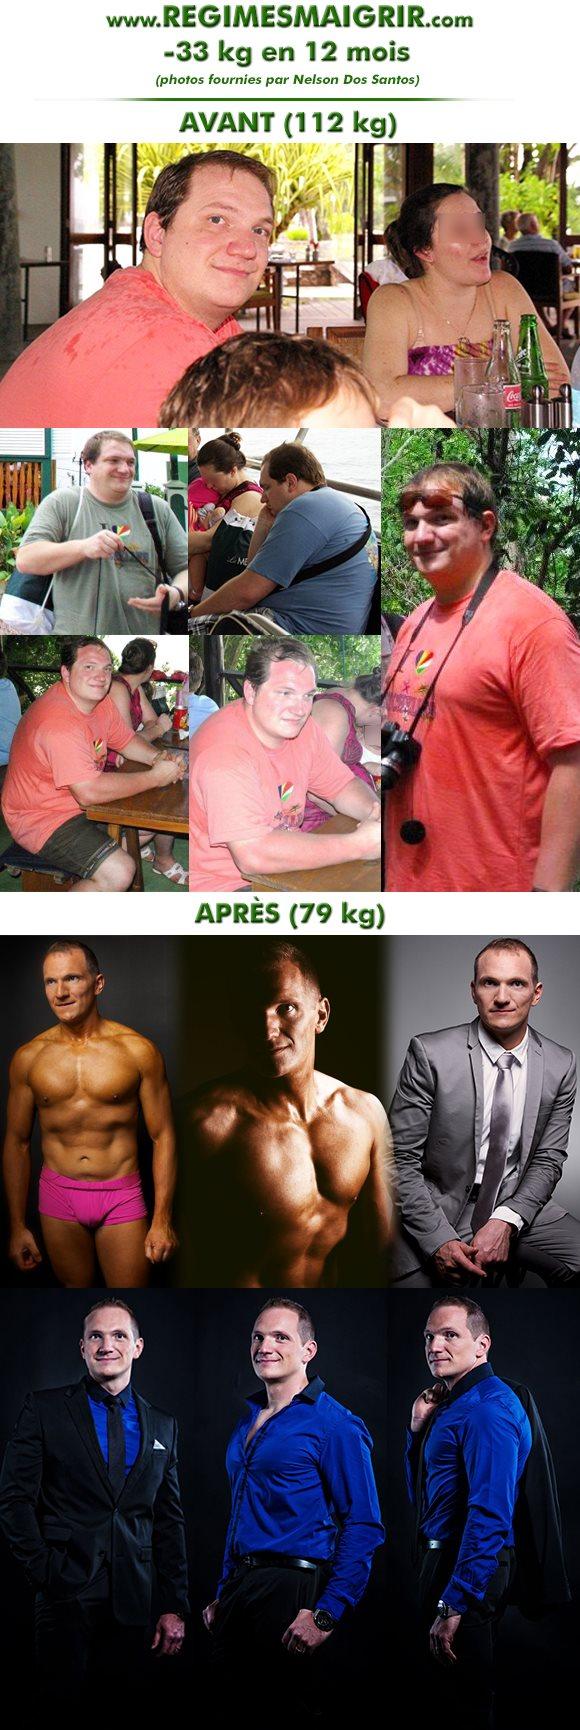 La spectaculaire transformation de Nelson Dos Santos résumée en 12 photos